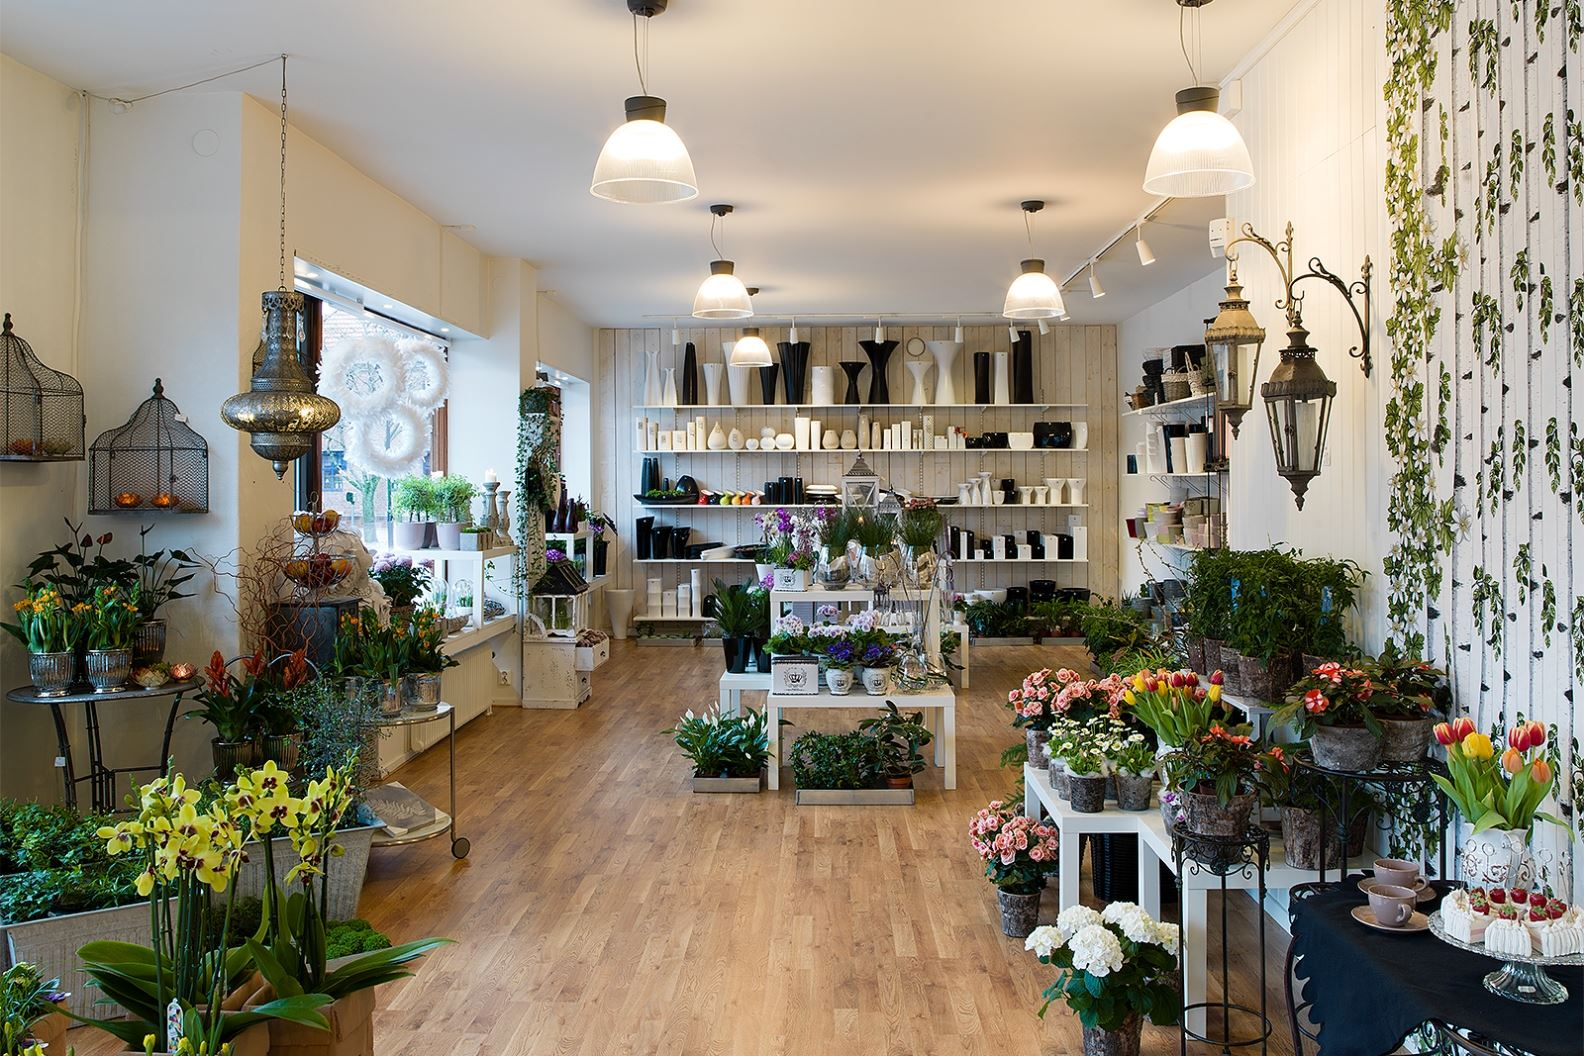 Anna Sköld, Skillingaryds Blomsterhandel - Översiktsbild